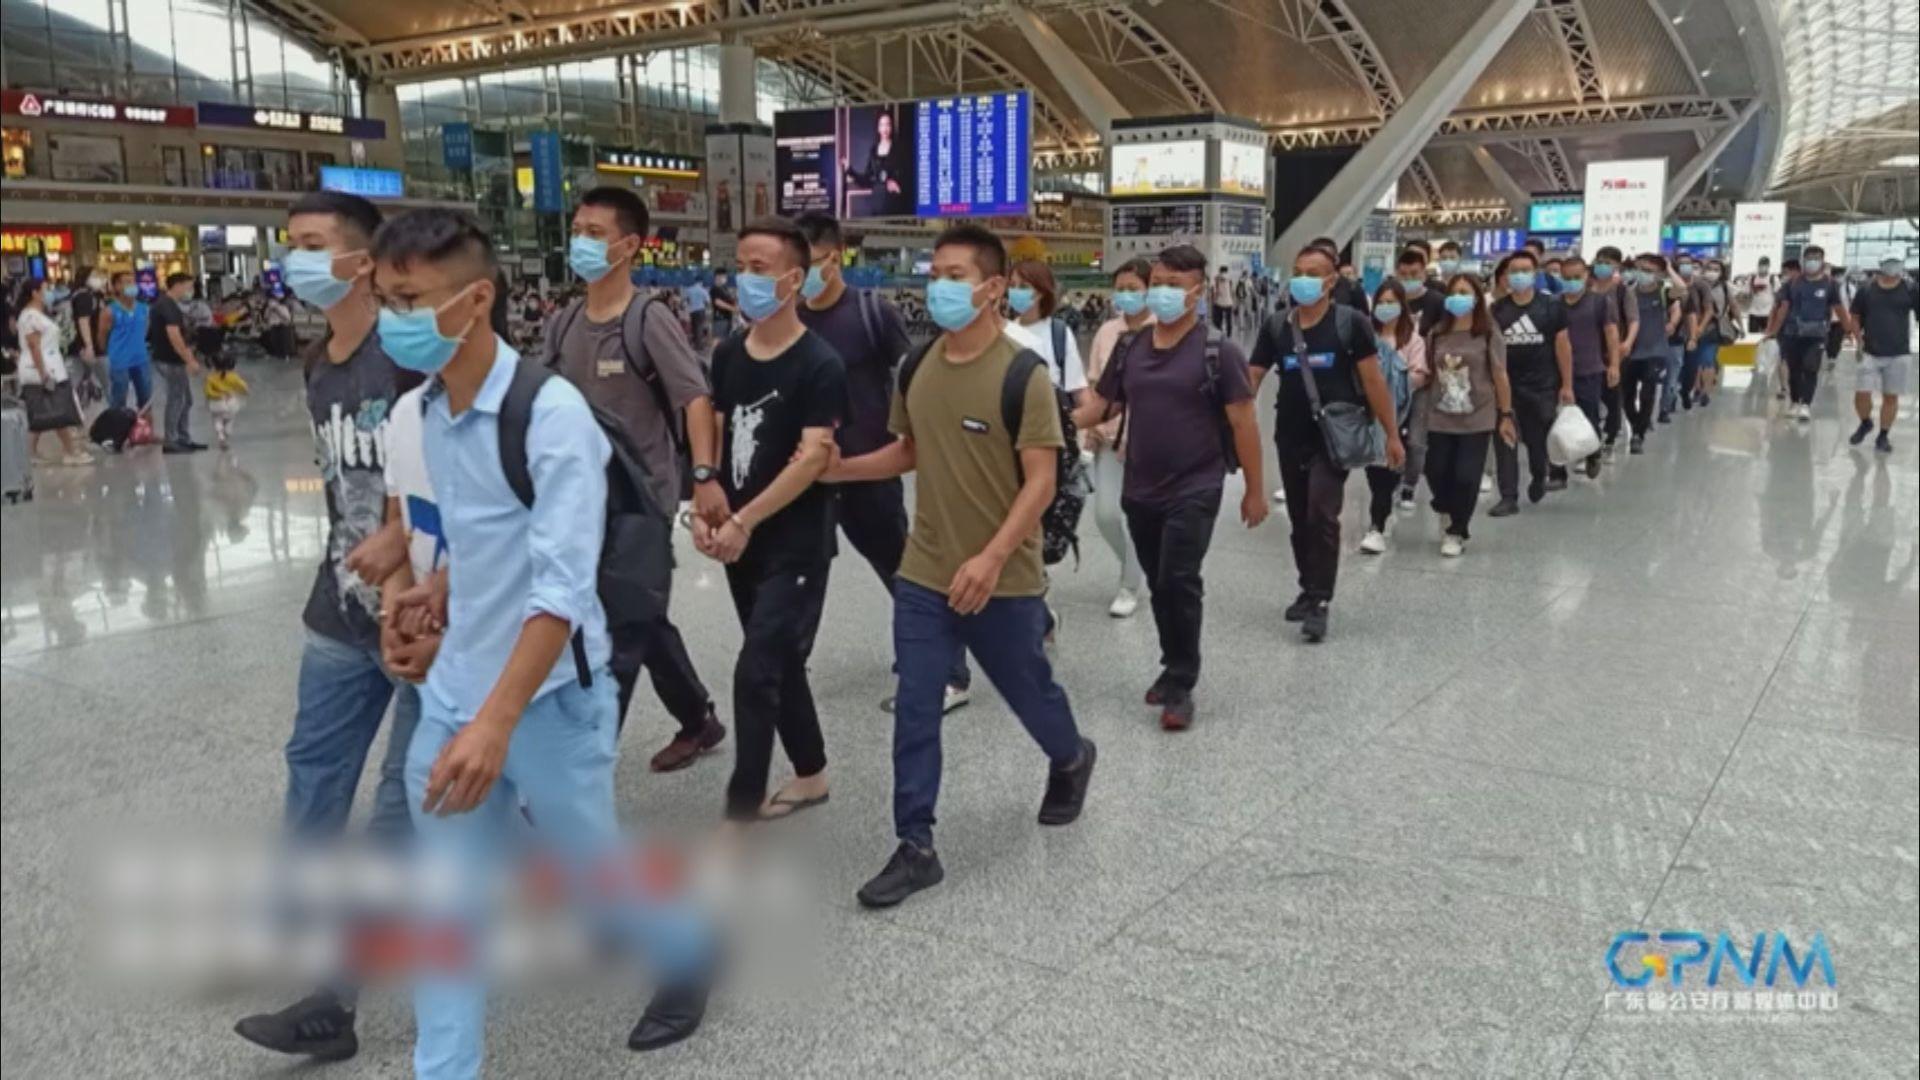 廣東省公安廳打擊粵港偷渡集團 共拘捕80人